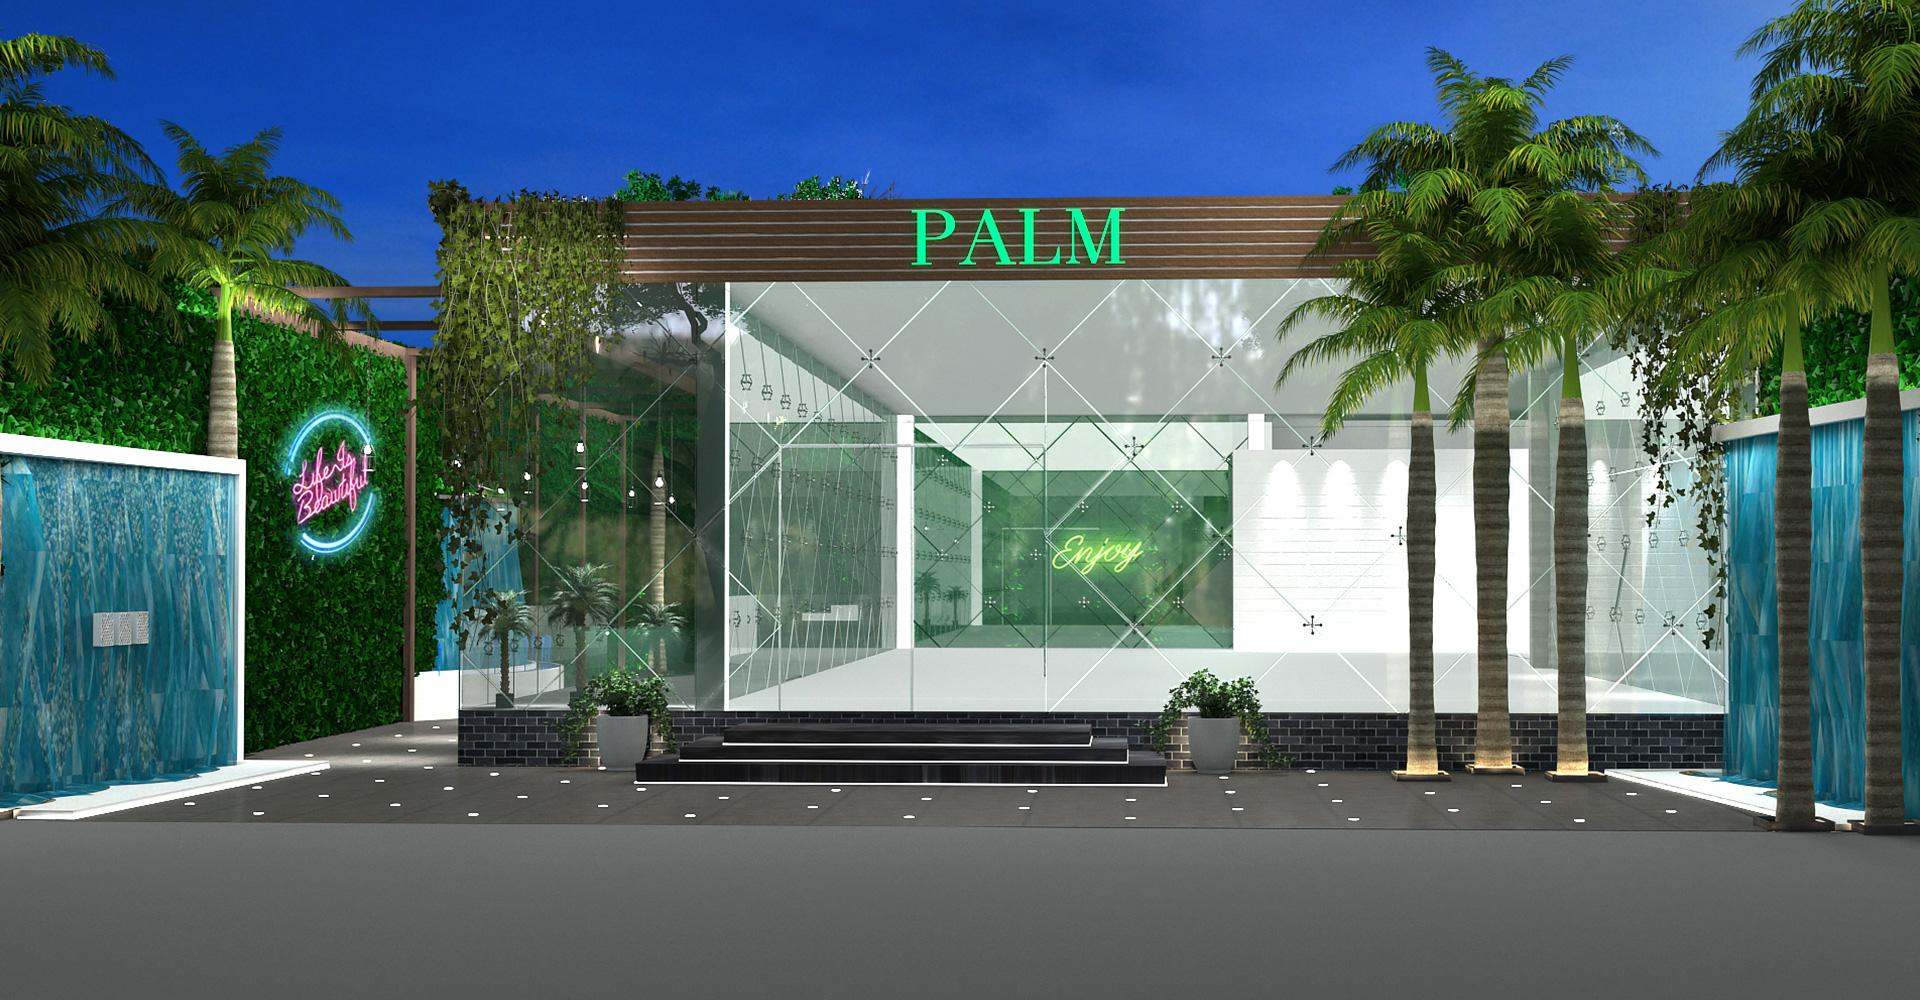 Restaurant-Design-Hiline-Lahore-portfolio-Palm-Restaurant-02